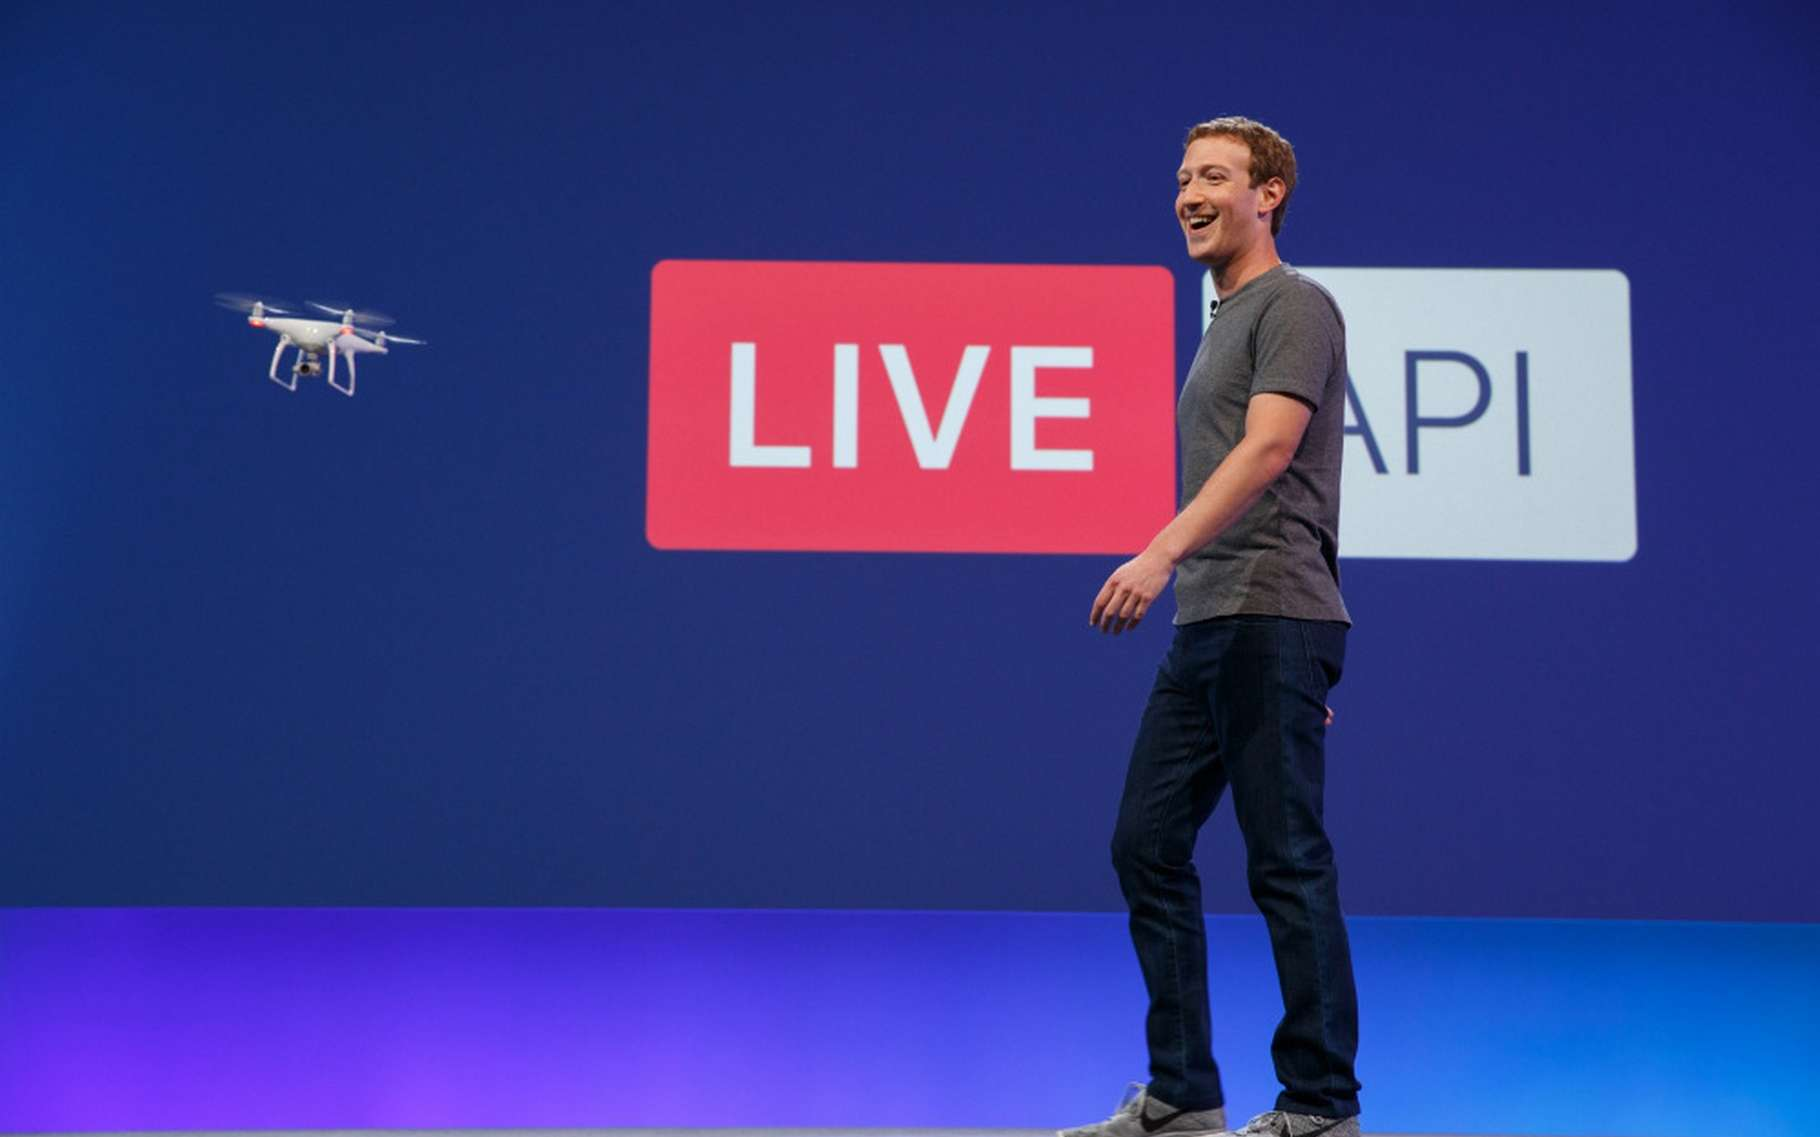 Lors de la conférence annuelle F8, Mark Zuckerberg, le patron de Facebook, a dressé la feuille de route pour les 10 années à venir. © Facebook